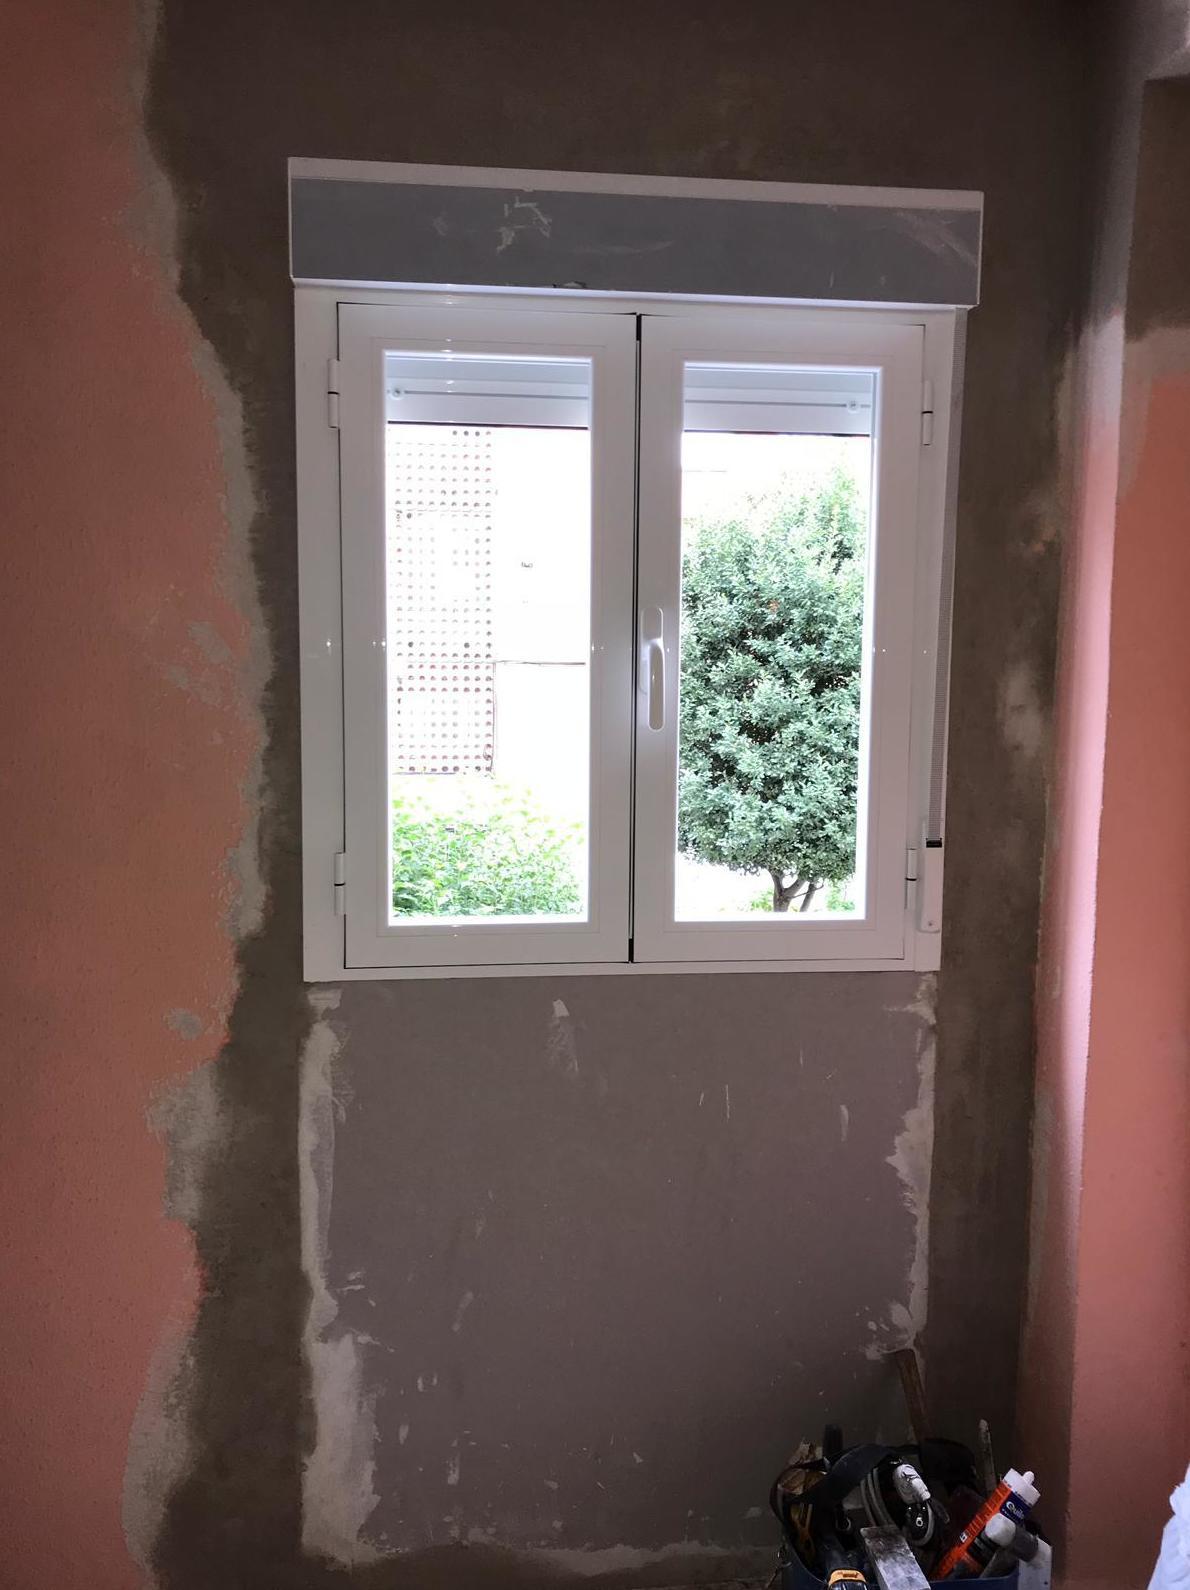 ventana (por dentro) en abatible de dos hojas , con persiana y doble acristalamiento